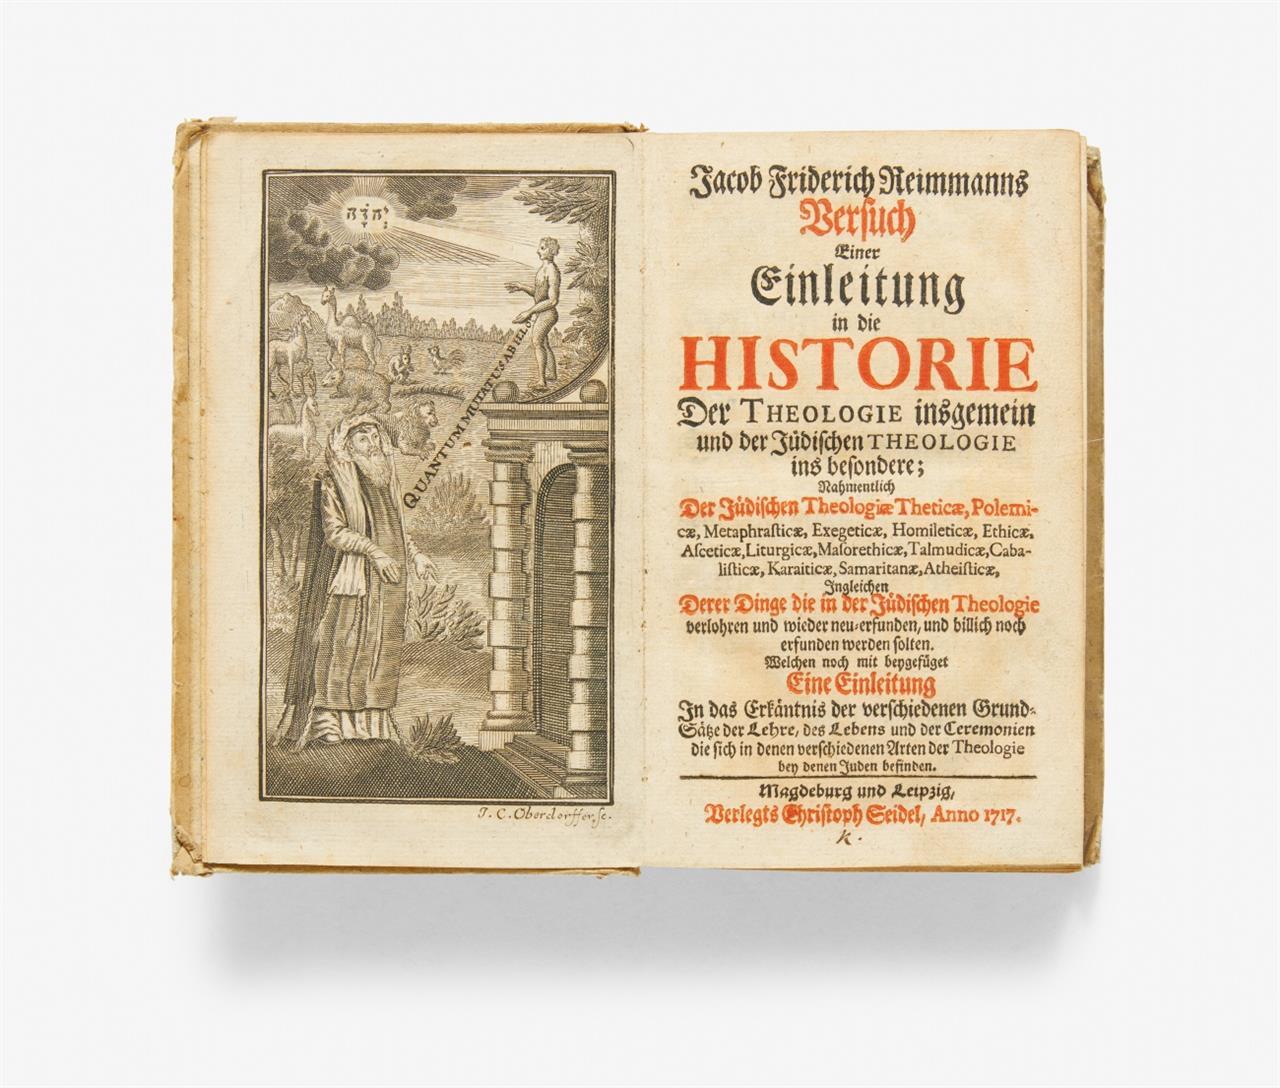 Reimmann, J.F., Einleitung in die Historie der Theologie. 1717.